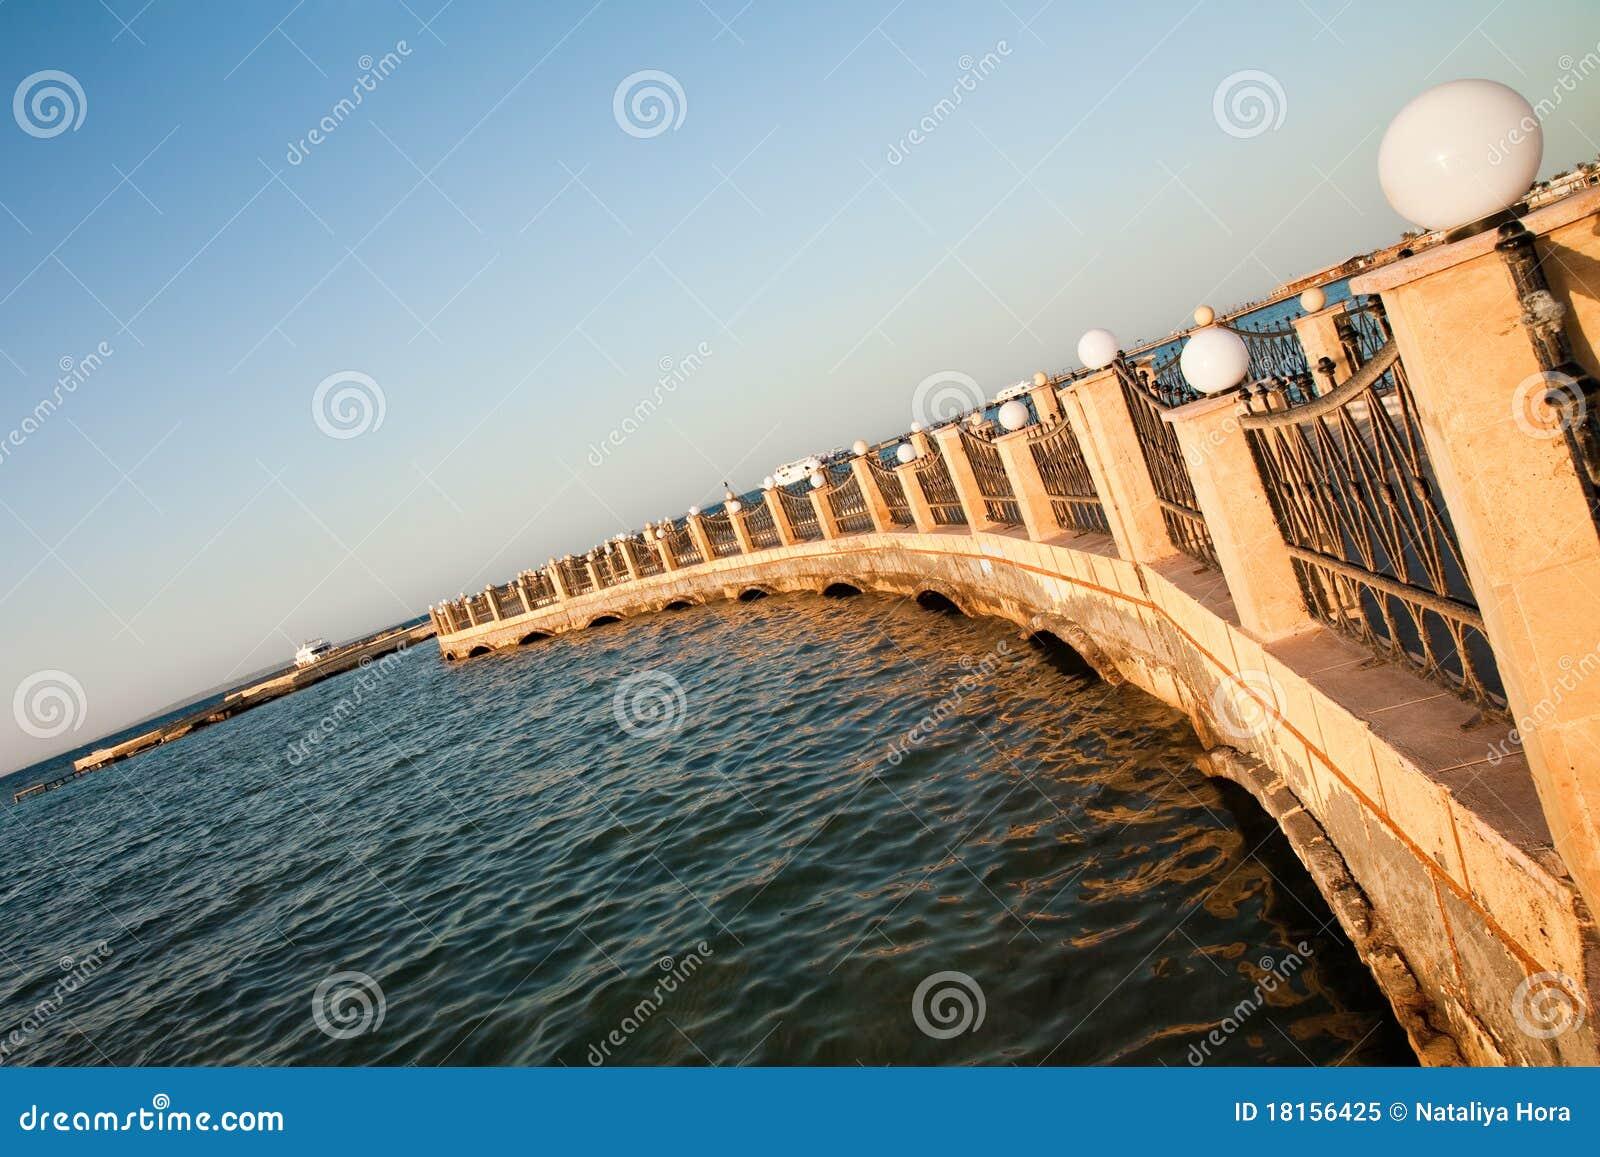 Embarcadero de piedra en el Mar Rojo